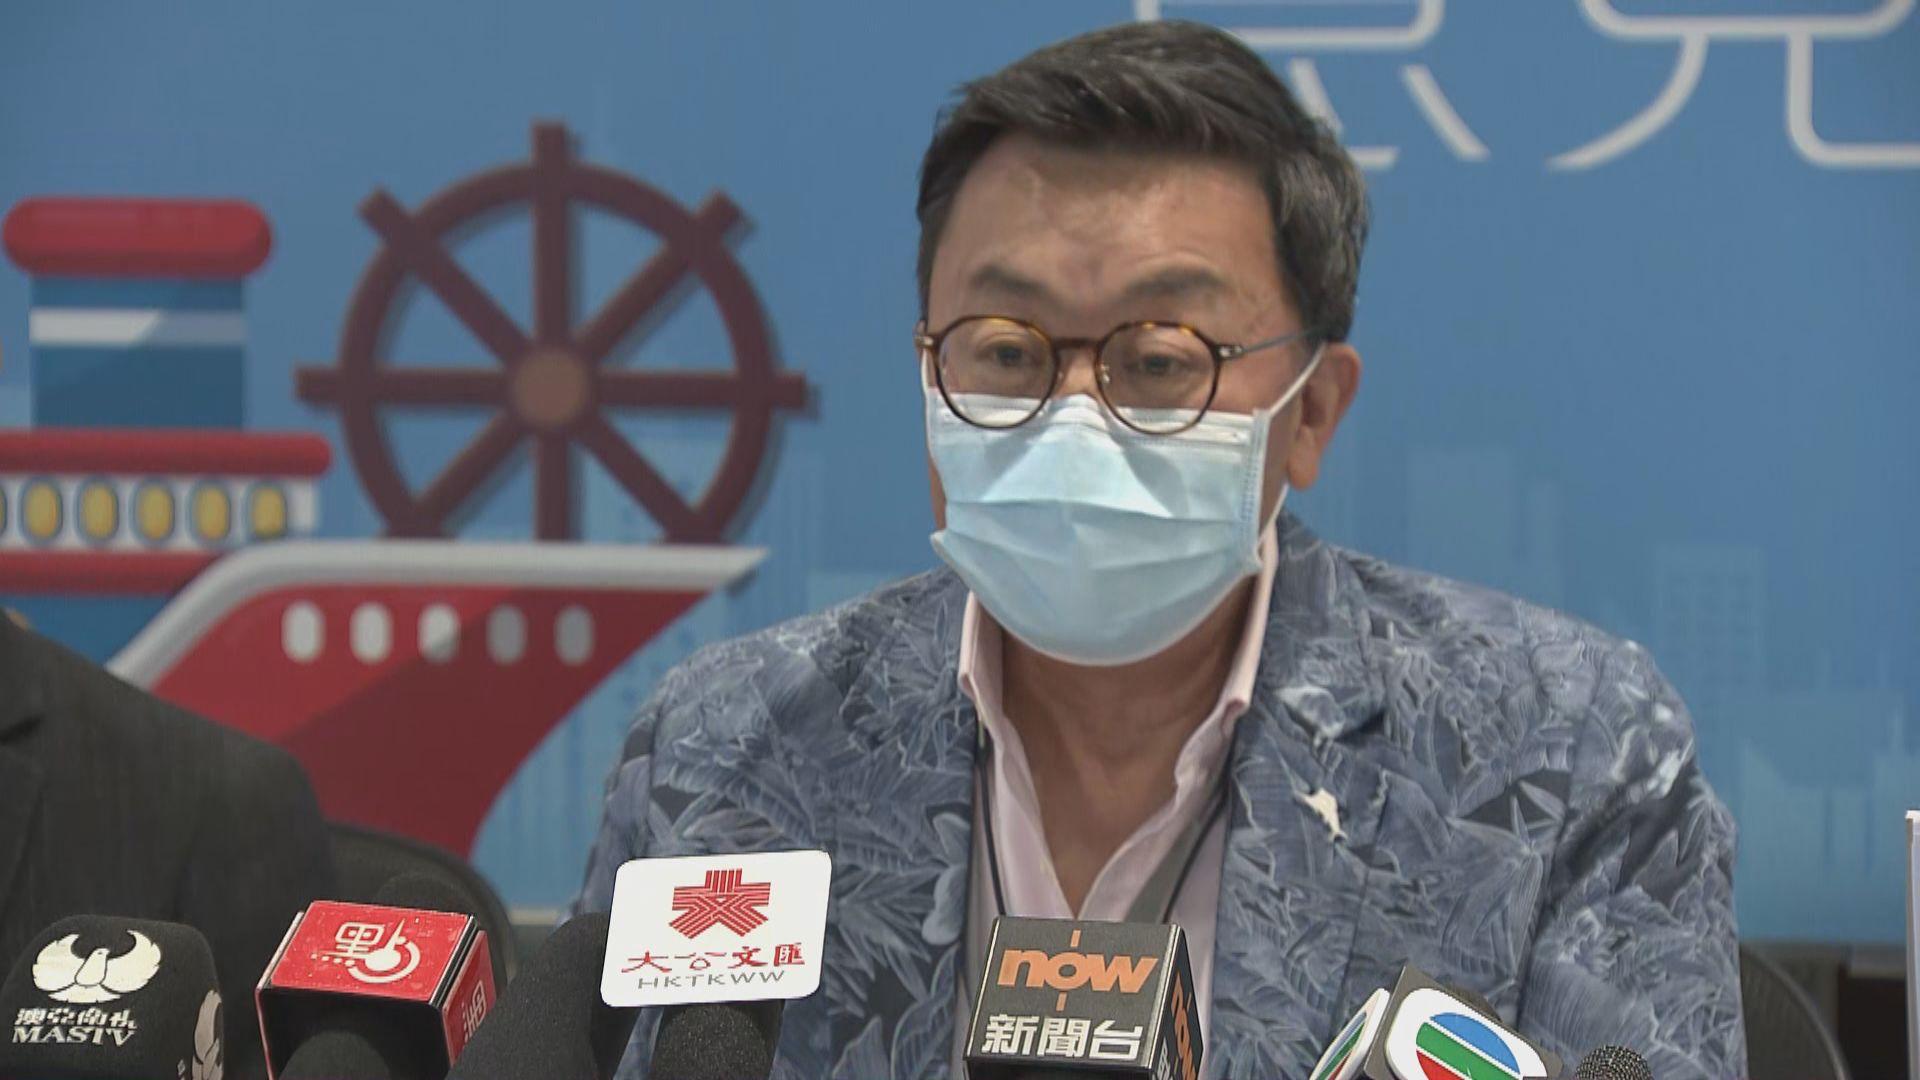 調查稱市民冀放寬本地遊 旅遊業界促政府撤限制